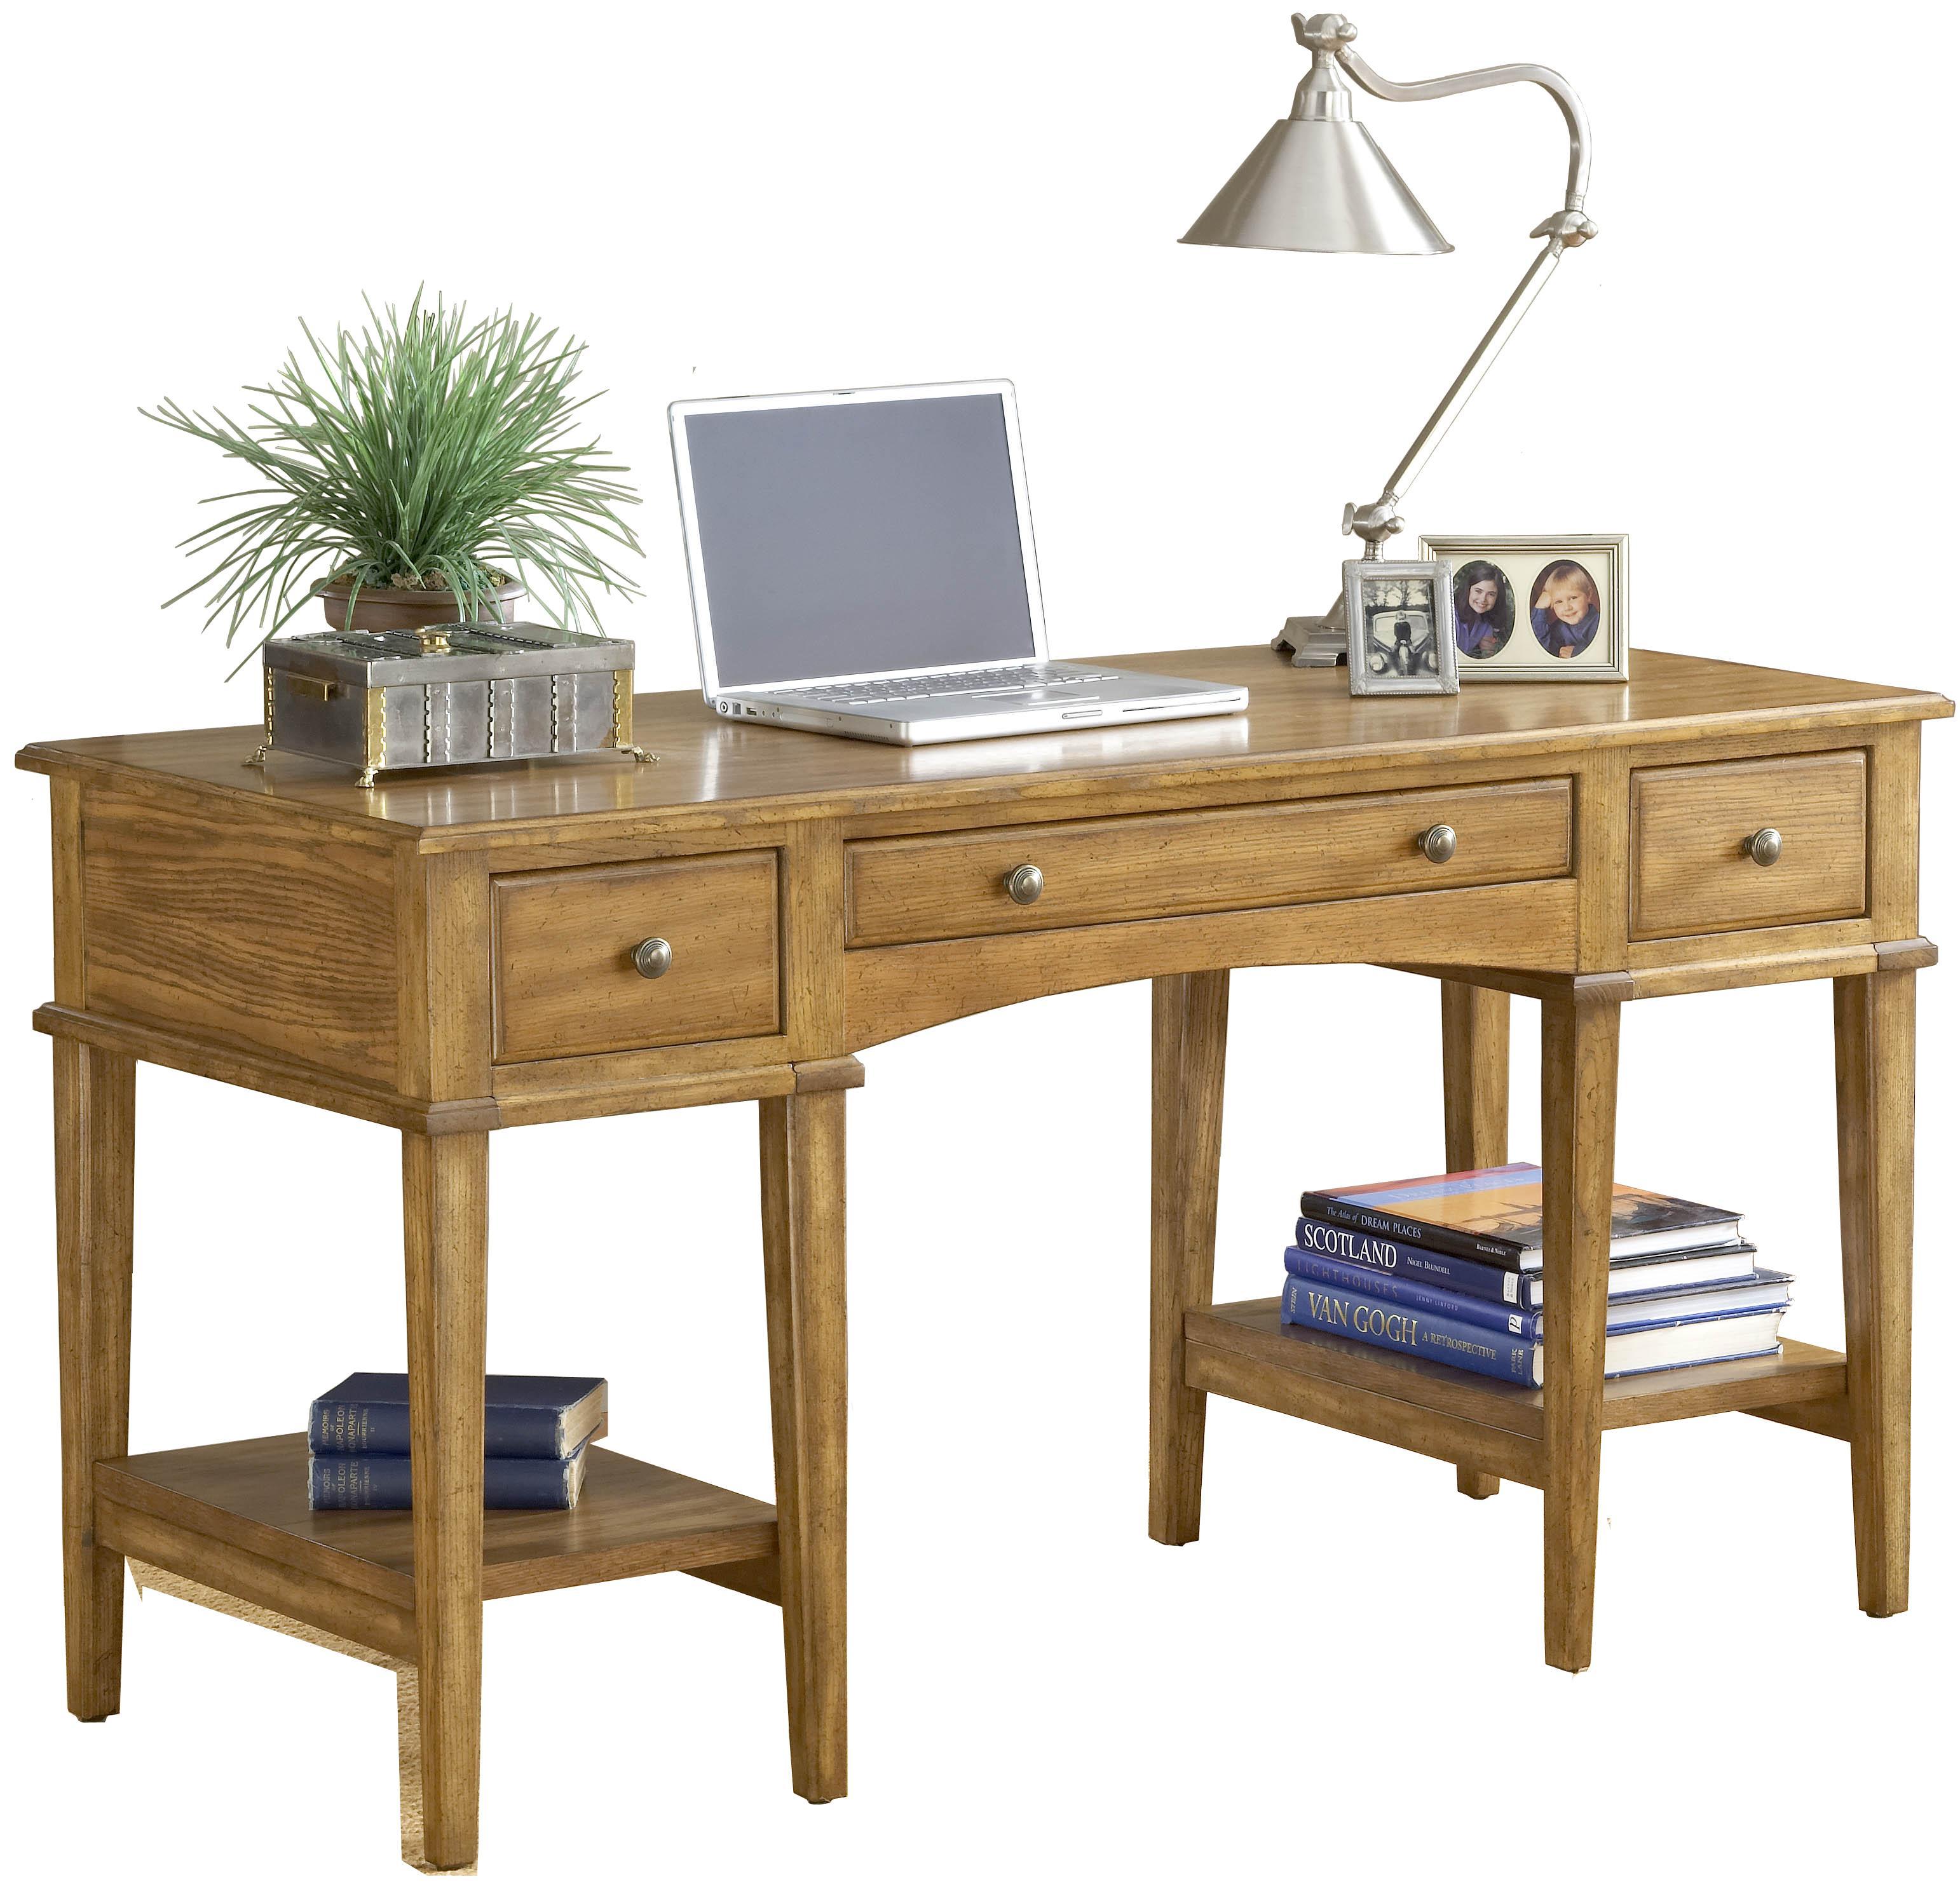 Hillsdale Gresham Desk - Item Number: 4337-861